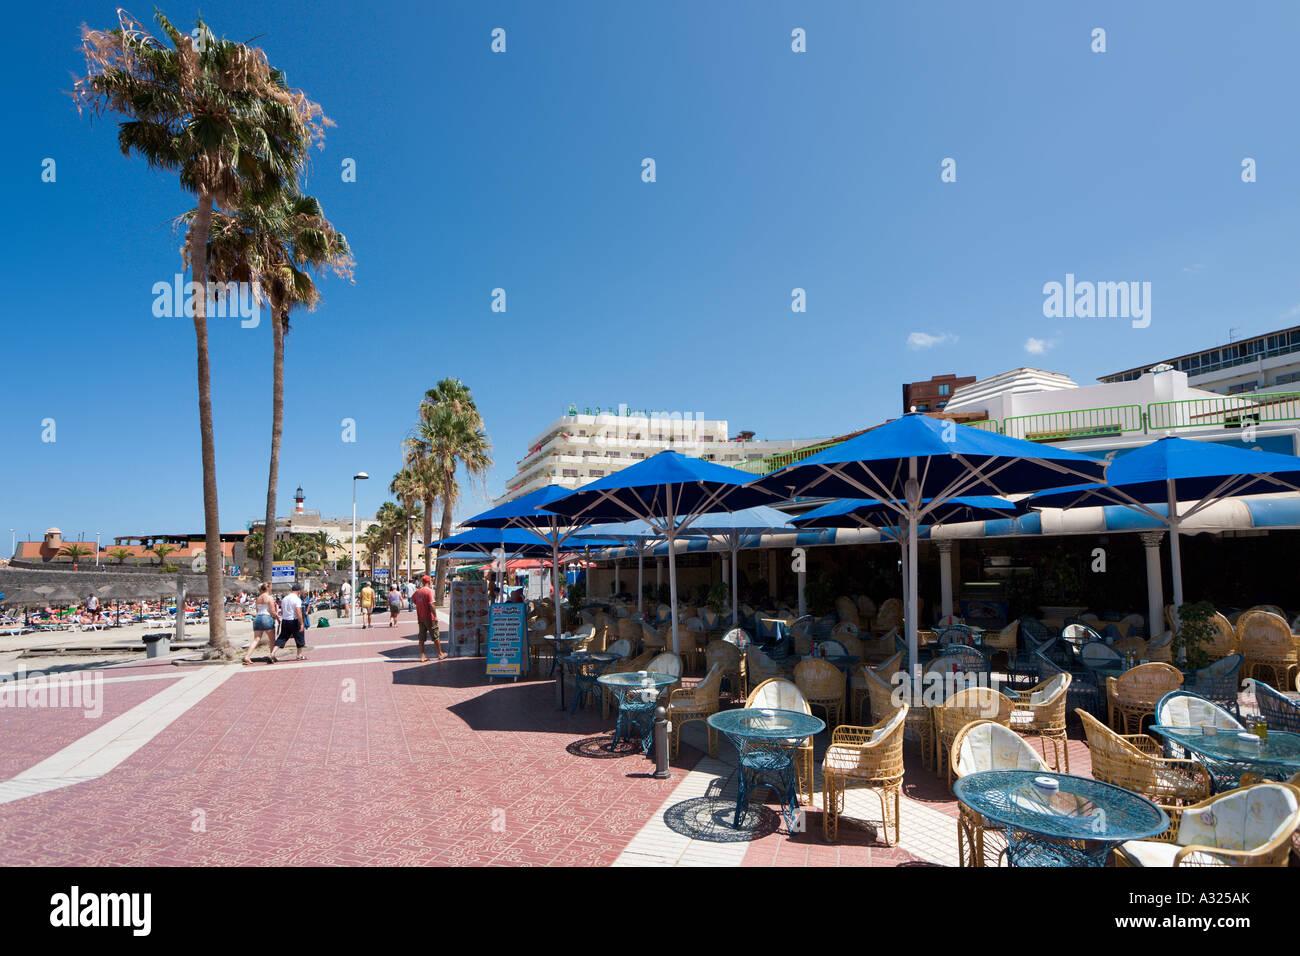 Cafés frente a la playa, playa de la Pinta, Costa Adeje, Playa de las Americas, Tenerife, Islas Canarias, España Imagen De Stock